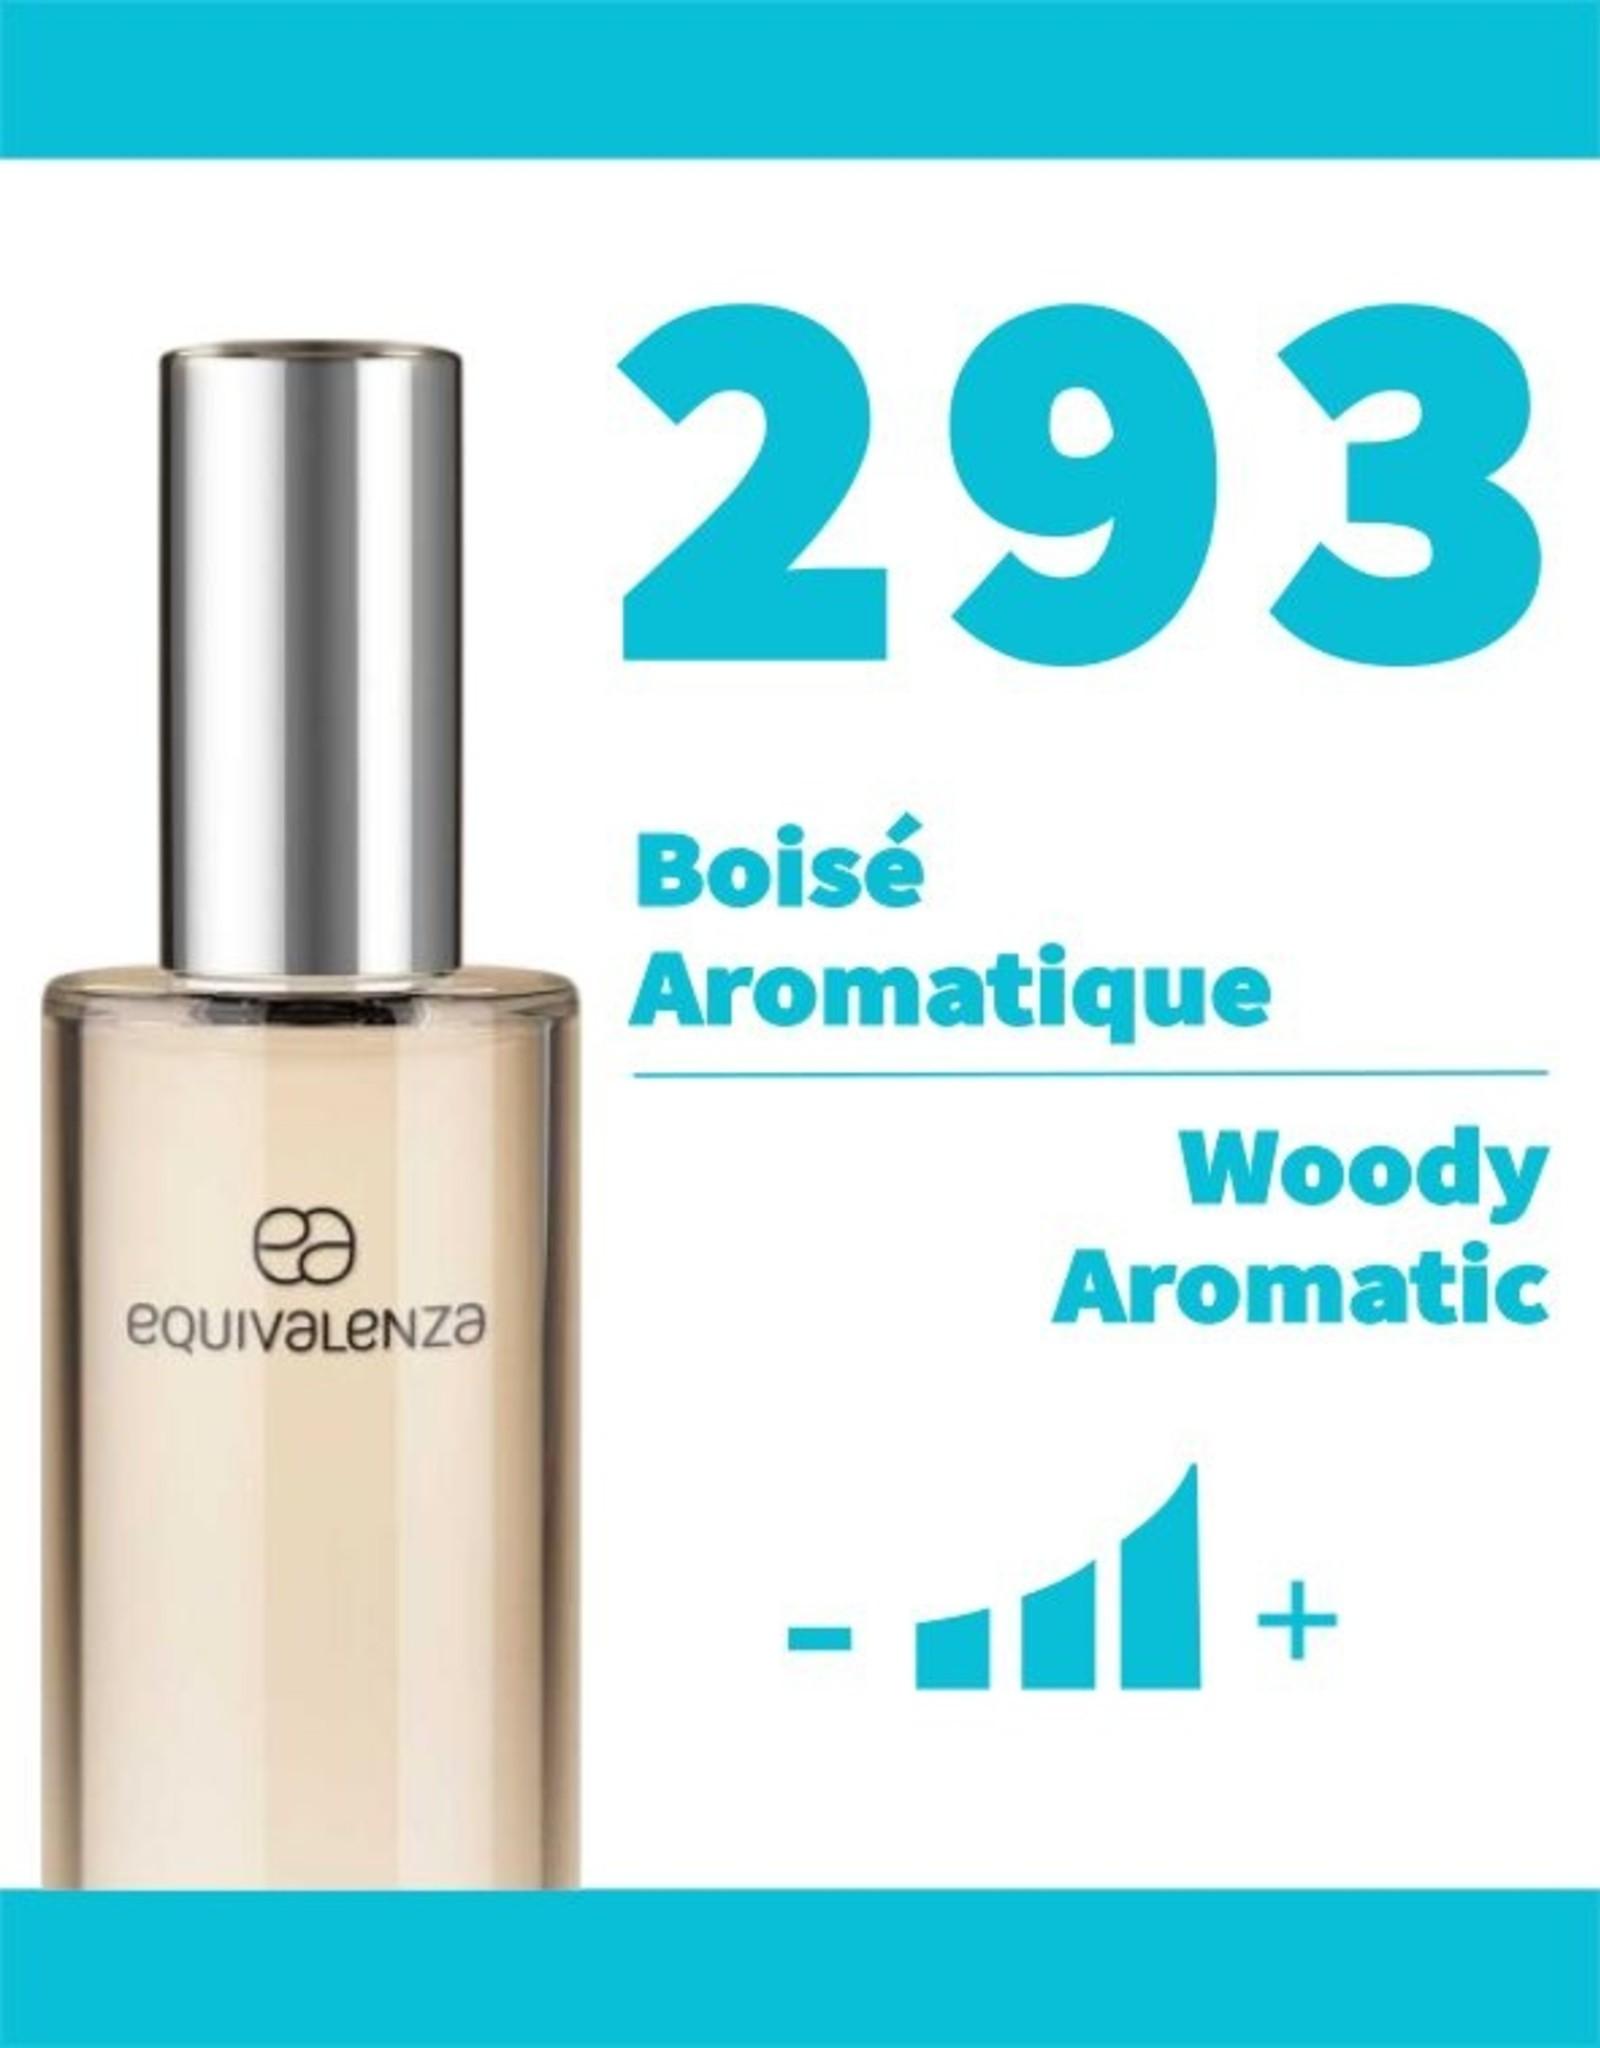 Equivalenza Boisé Aromatique 293